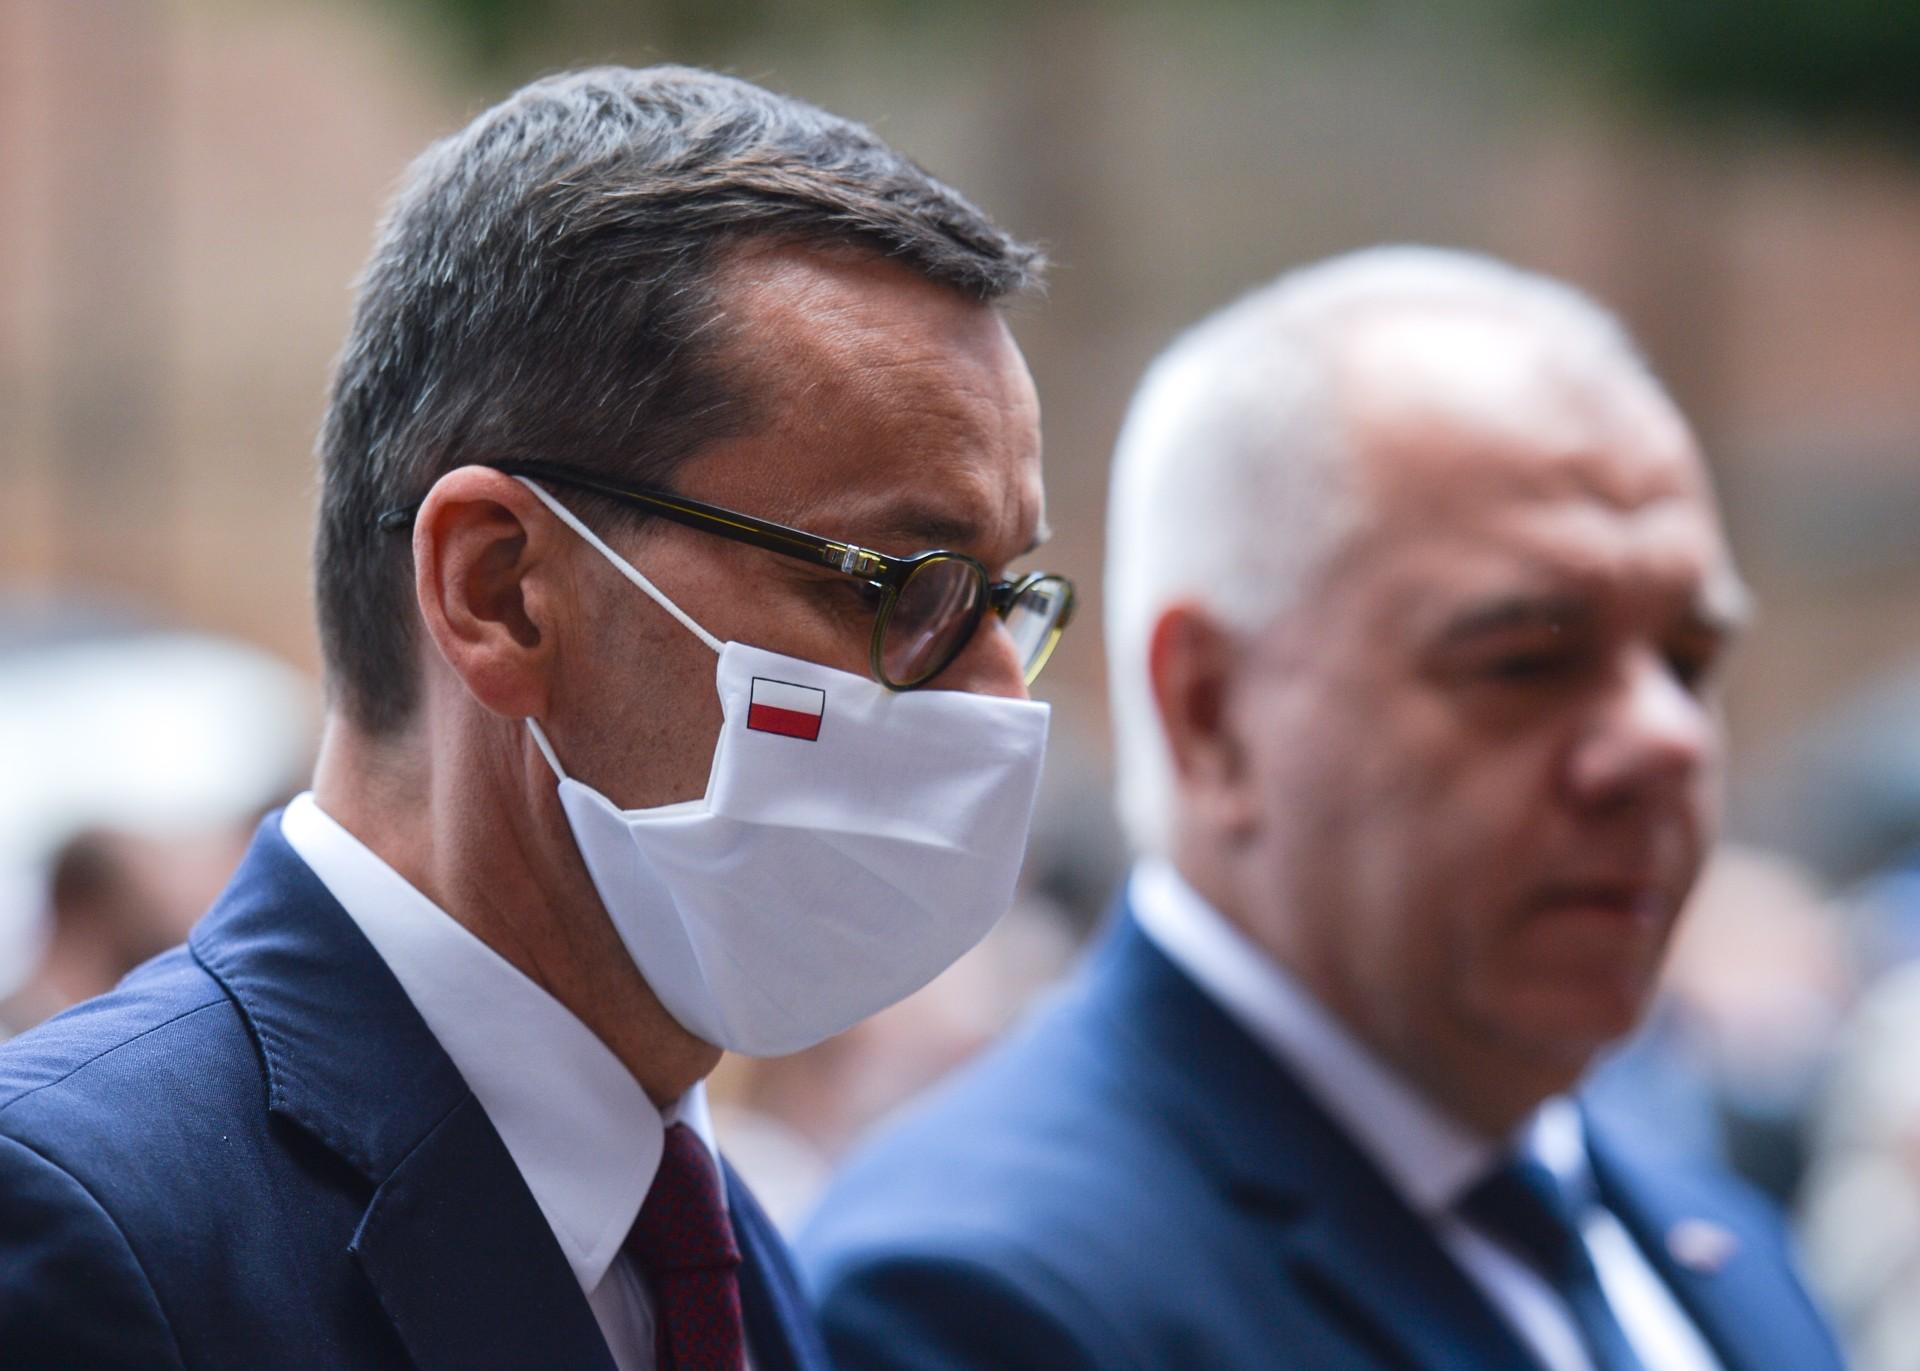 Rządowa apka STOP COVID kosztowała 5 mln. Skorzystały zniej 72 osoby